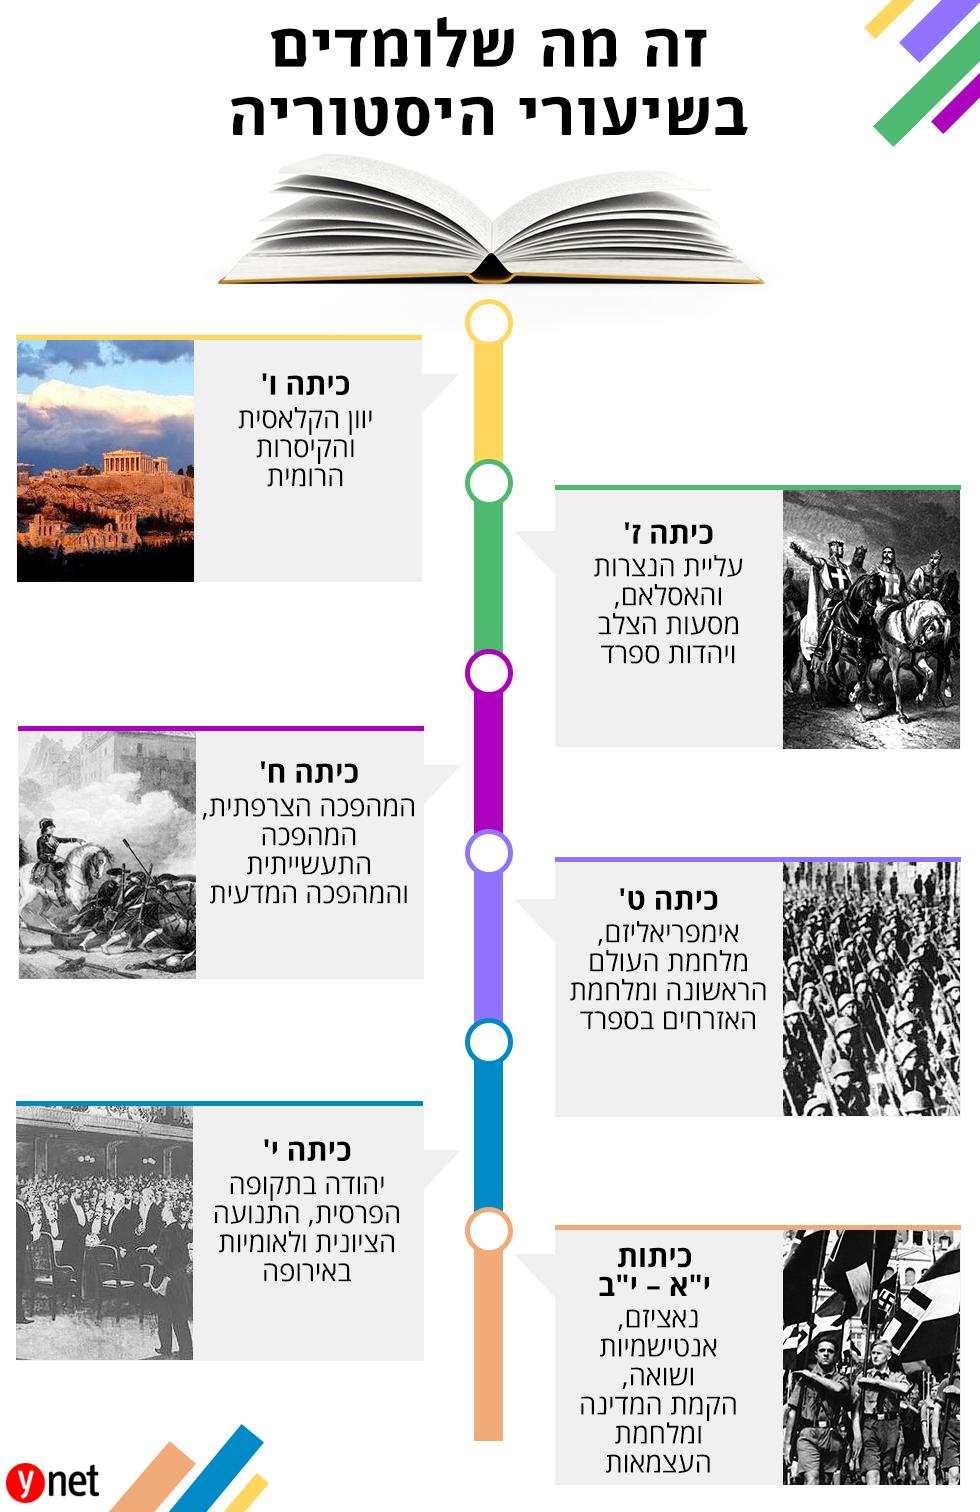 אינפו גרפיקה פרויקט לומדים לפי הספר זה מה שלומדים שיעור היסטוריה לימודים פתיחת שנת הלימודים ()